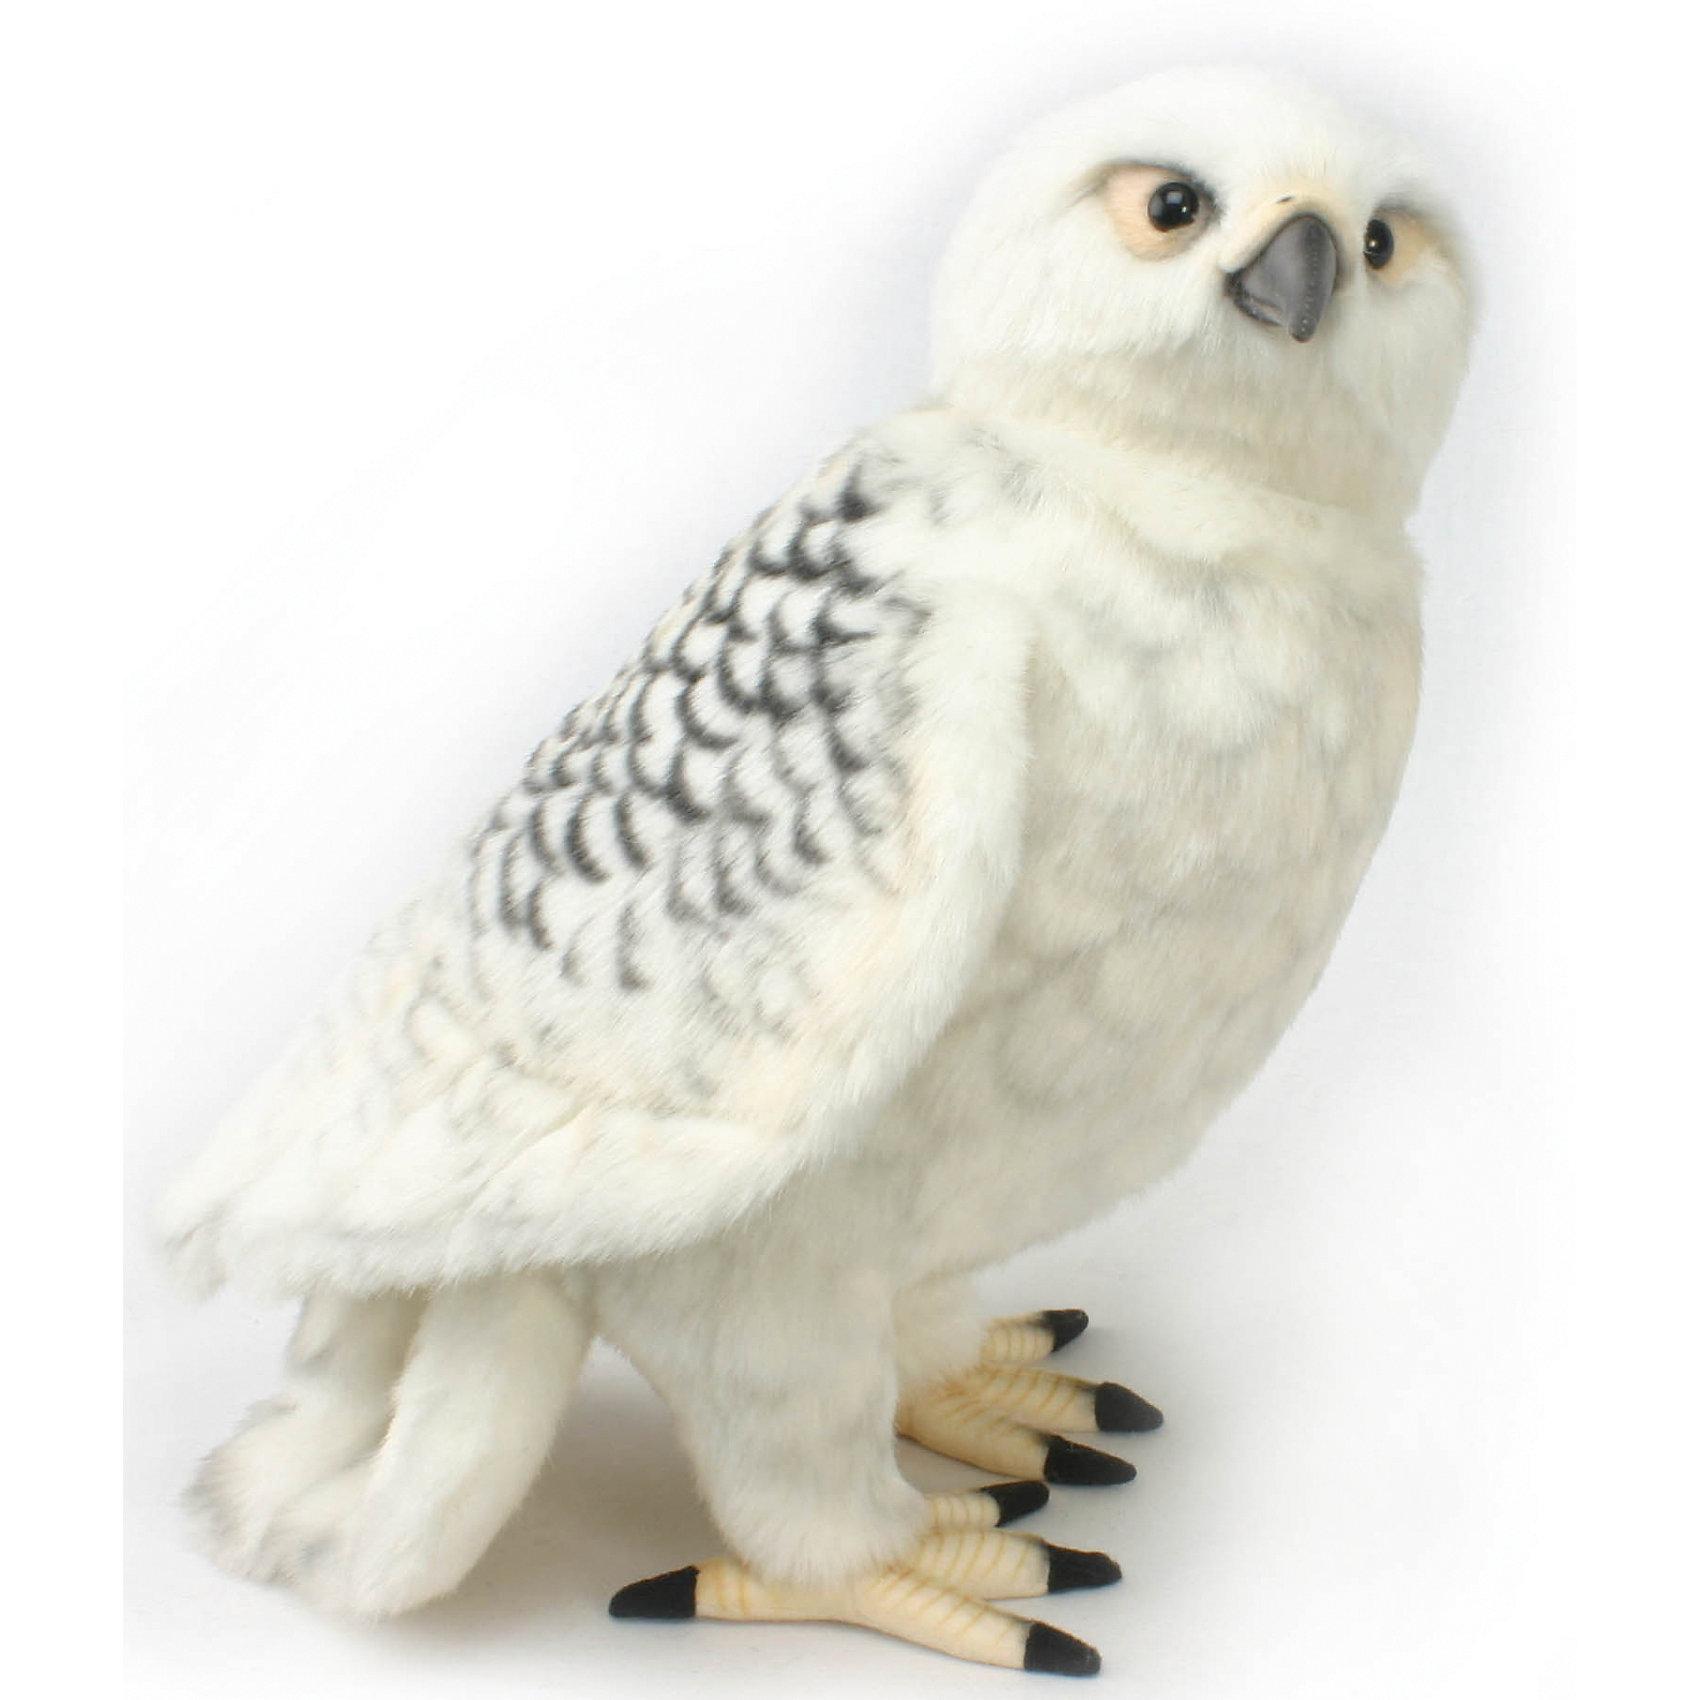 Сокол белый, 35 см, HansaМягкие игрушки животные<br>Сокол белый, 35 см – игрушка от знаменитого бренда Hansa, специализирующегося на выпуске мягких игрушек с высокой степенью натуралистичности. Внешний вид игрушечного сокола полностью соответствует реальному прототипу. Игрушка выполнена из светлого меха с ворсом средней длины, который обладает гипоаллергенными свойствами. Внутри имеется металлический каркас, который позволяет изменять положение. Игрушка относится к серии Хищные птицы. <br>Мягкие игрушки от Hansa подходят для сюжетно-ролевых игр или для обучающих игр. Кроме того, их можно использовать в качестве интерьерных игрушек. Игрушки от Hansa будут радовать вашего ребенка долгое время, так как ручная работа и качественные материалы гарантируют их долговечность и прочность.<br><br>Дополнительная информация:<br><br>- Вид игр: сюжетно-ролевые игры, коллекционирование, интерьерные игрушки<br>- Предназначение: для дома, для детских развивающих центров, для детских садов<br>- Материал: искусственный мех, наполнитель ? полиэфирное волокно<br>- Размер (ДхШхВ): 24*35*20 см<br>- Вес: 700 г<br>- Особенности ухода: сухая чистка при помощи пылесоса или щетки для одежды<br><br>Подробнее:<br><br>• Для детей в возрасте: от 3 лет <br>• Страна производитель: Филиппины<br>• Торговый бренд: Hansa<br><br>Сокола белого, 35 см можно купить в нашем интернет-магазине.<br><br>Ширина мм: 24<br>Глубина мм: 35<br>Высота мм: 20<br>Вес г: 700<br>Возраст от месяцев: 36<br>Возраст до месяцев: 2147483647<br>Пол: Унисекс<br>Возраст: Детский<br>SKU: 4927195